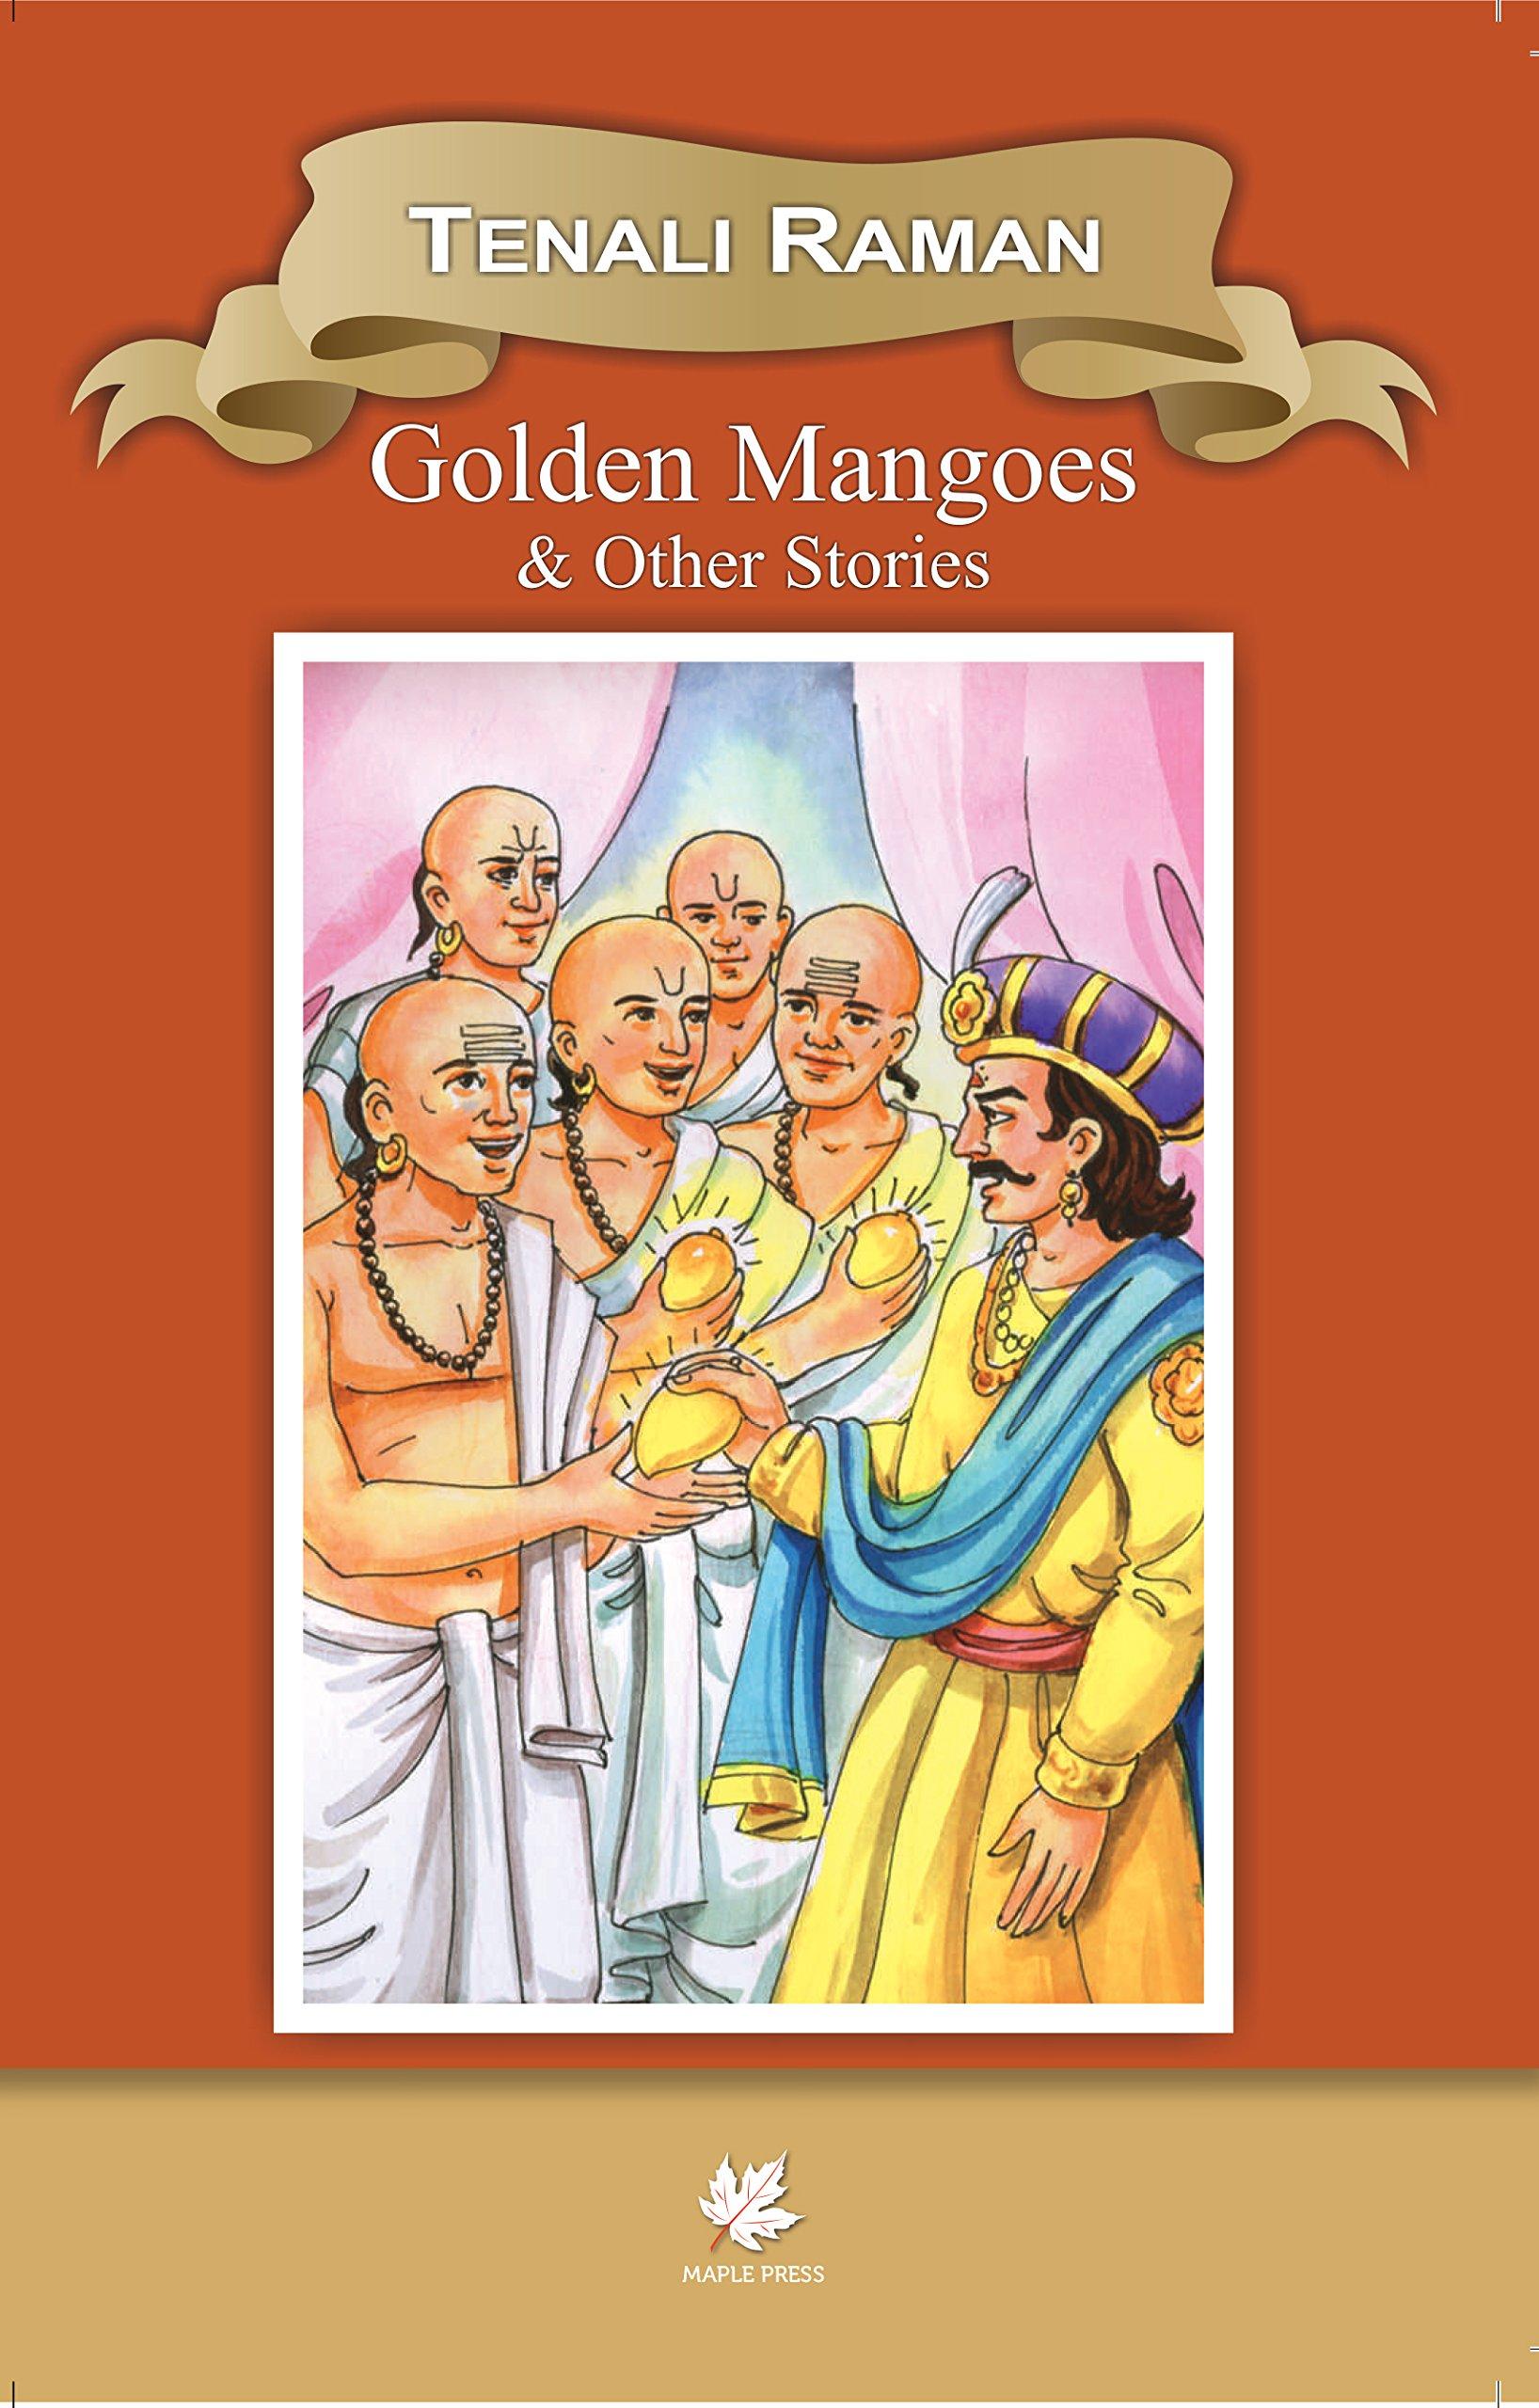 Buy Tenali Raman Golden Mangoes - Wisdom Series (Classic